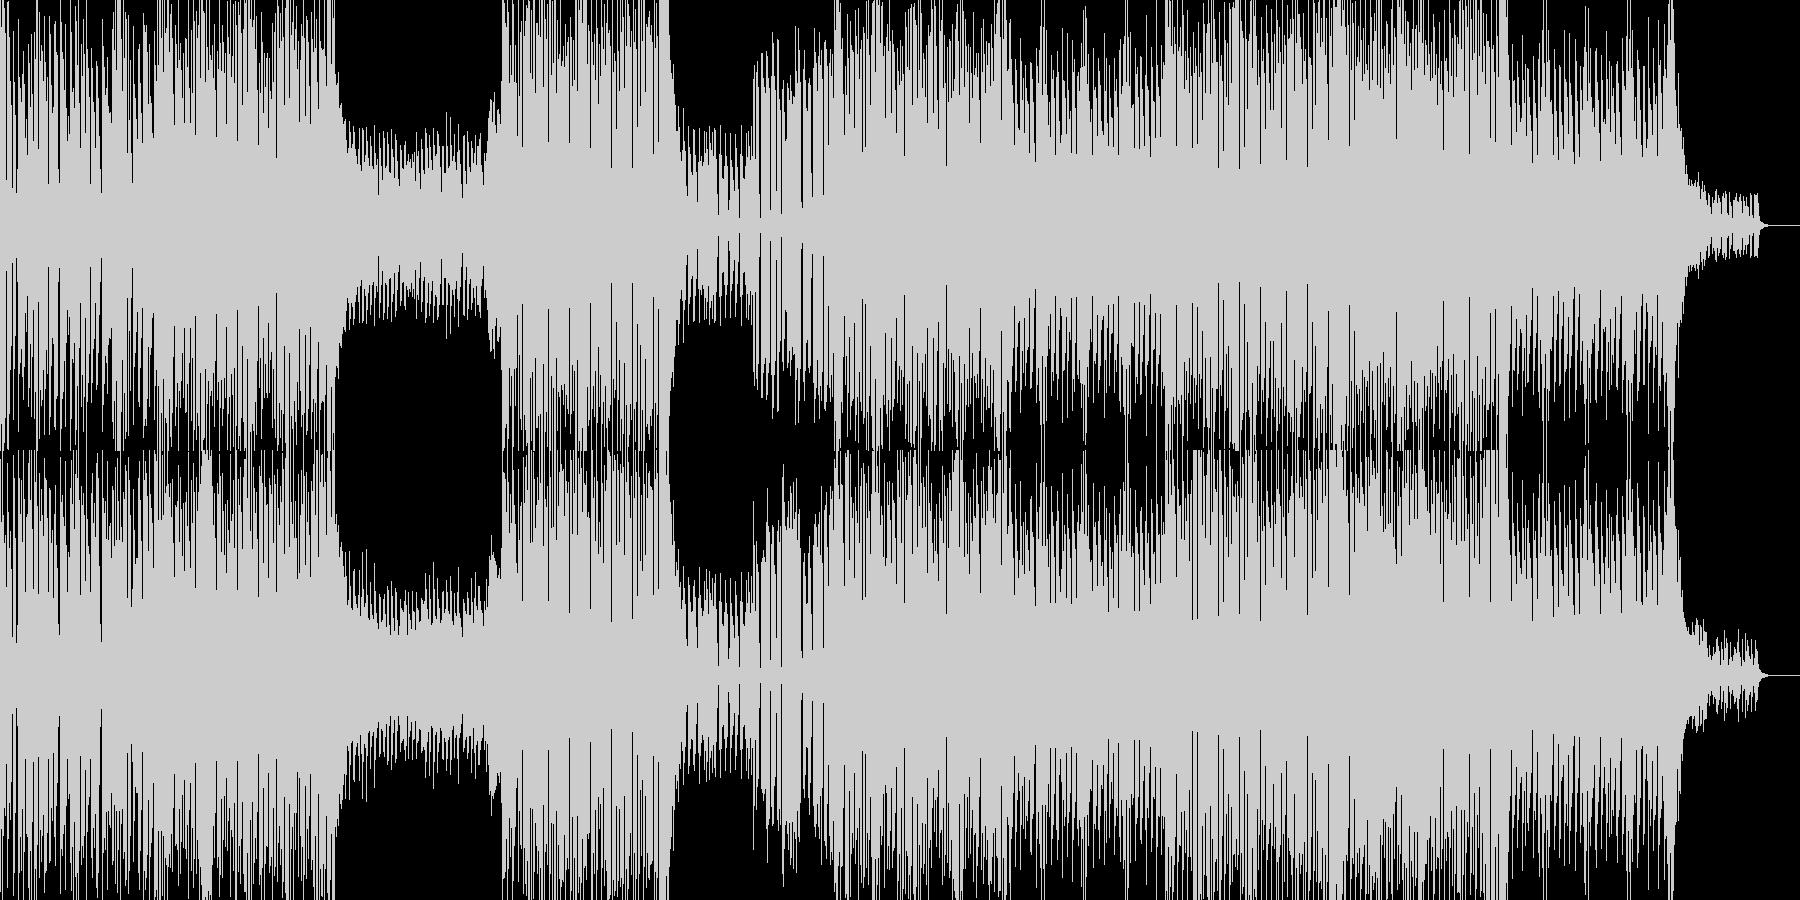 グルーヴ感と展開が印象的なピアノテクノの未再生の波形